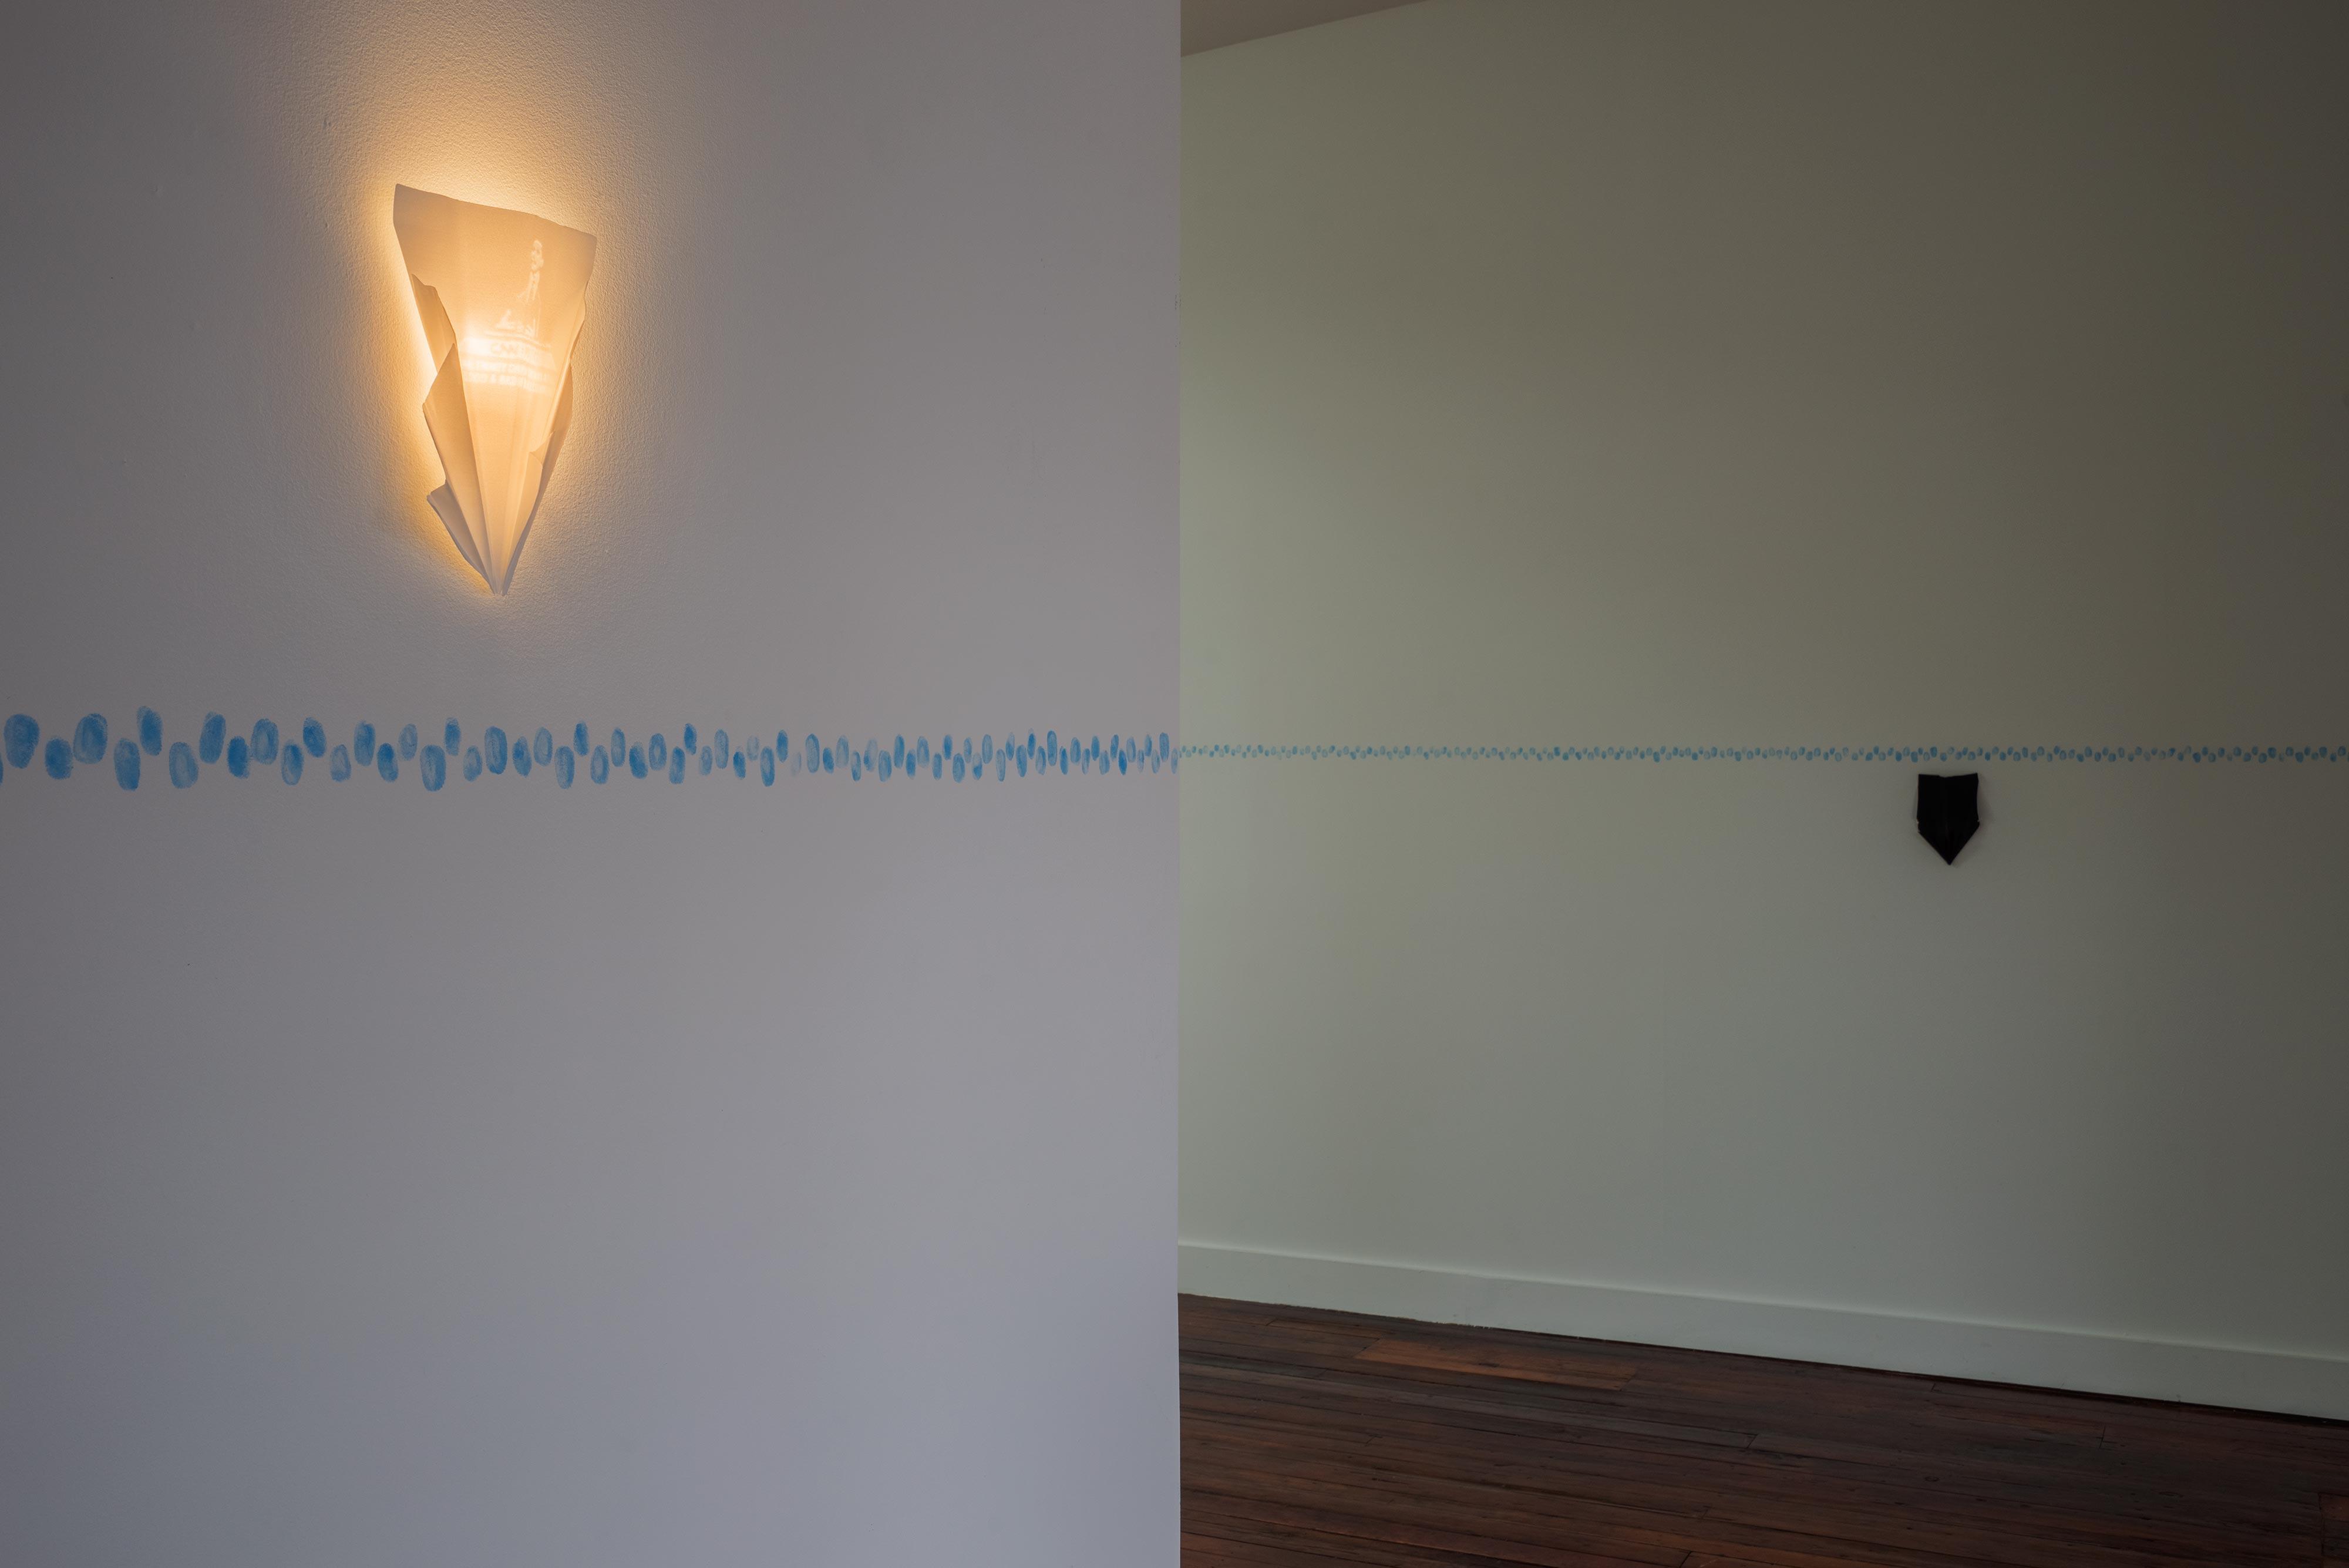 Essai installation view